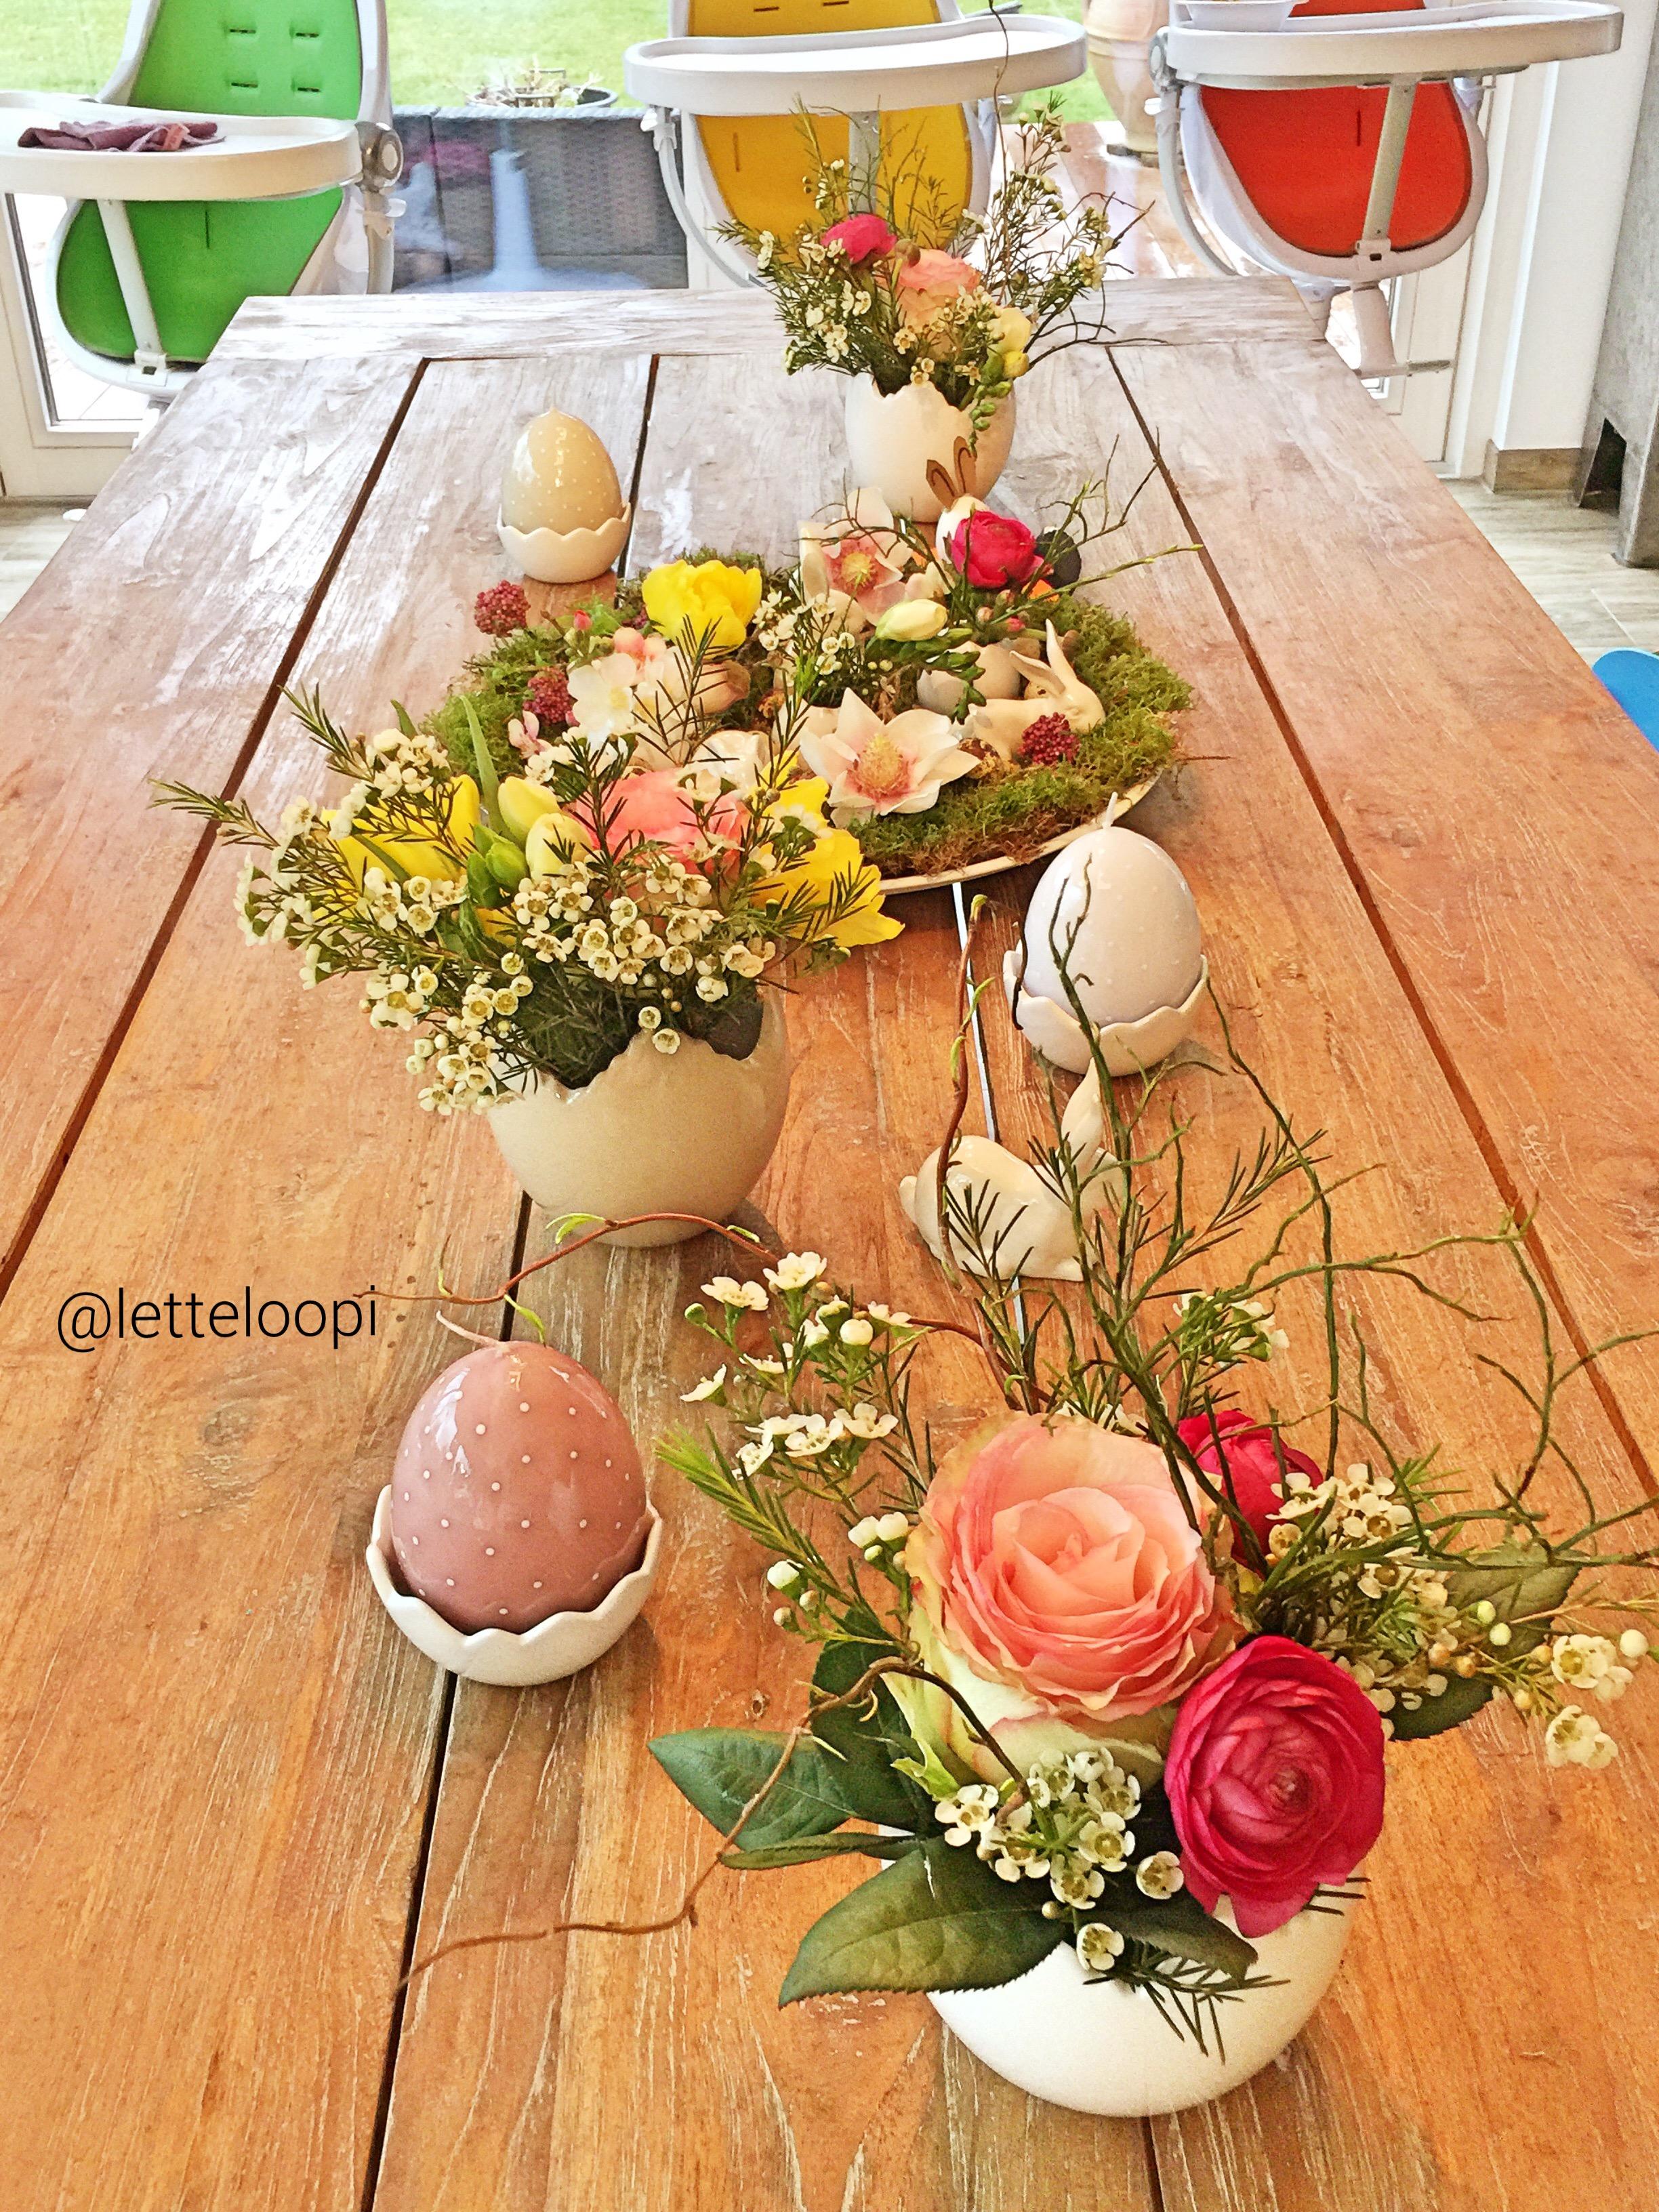 Stilvolle Tischdekoration Fur Ostern Frische Blumen Und Kleine